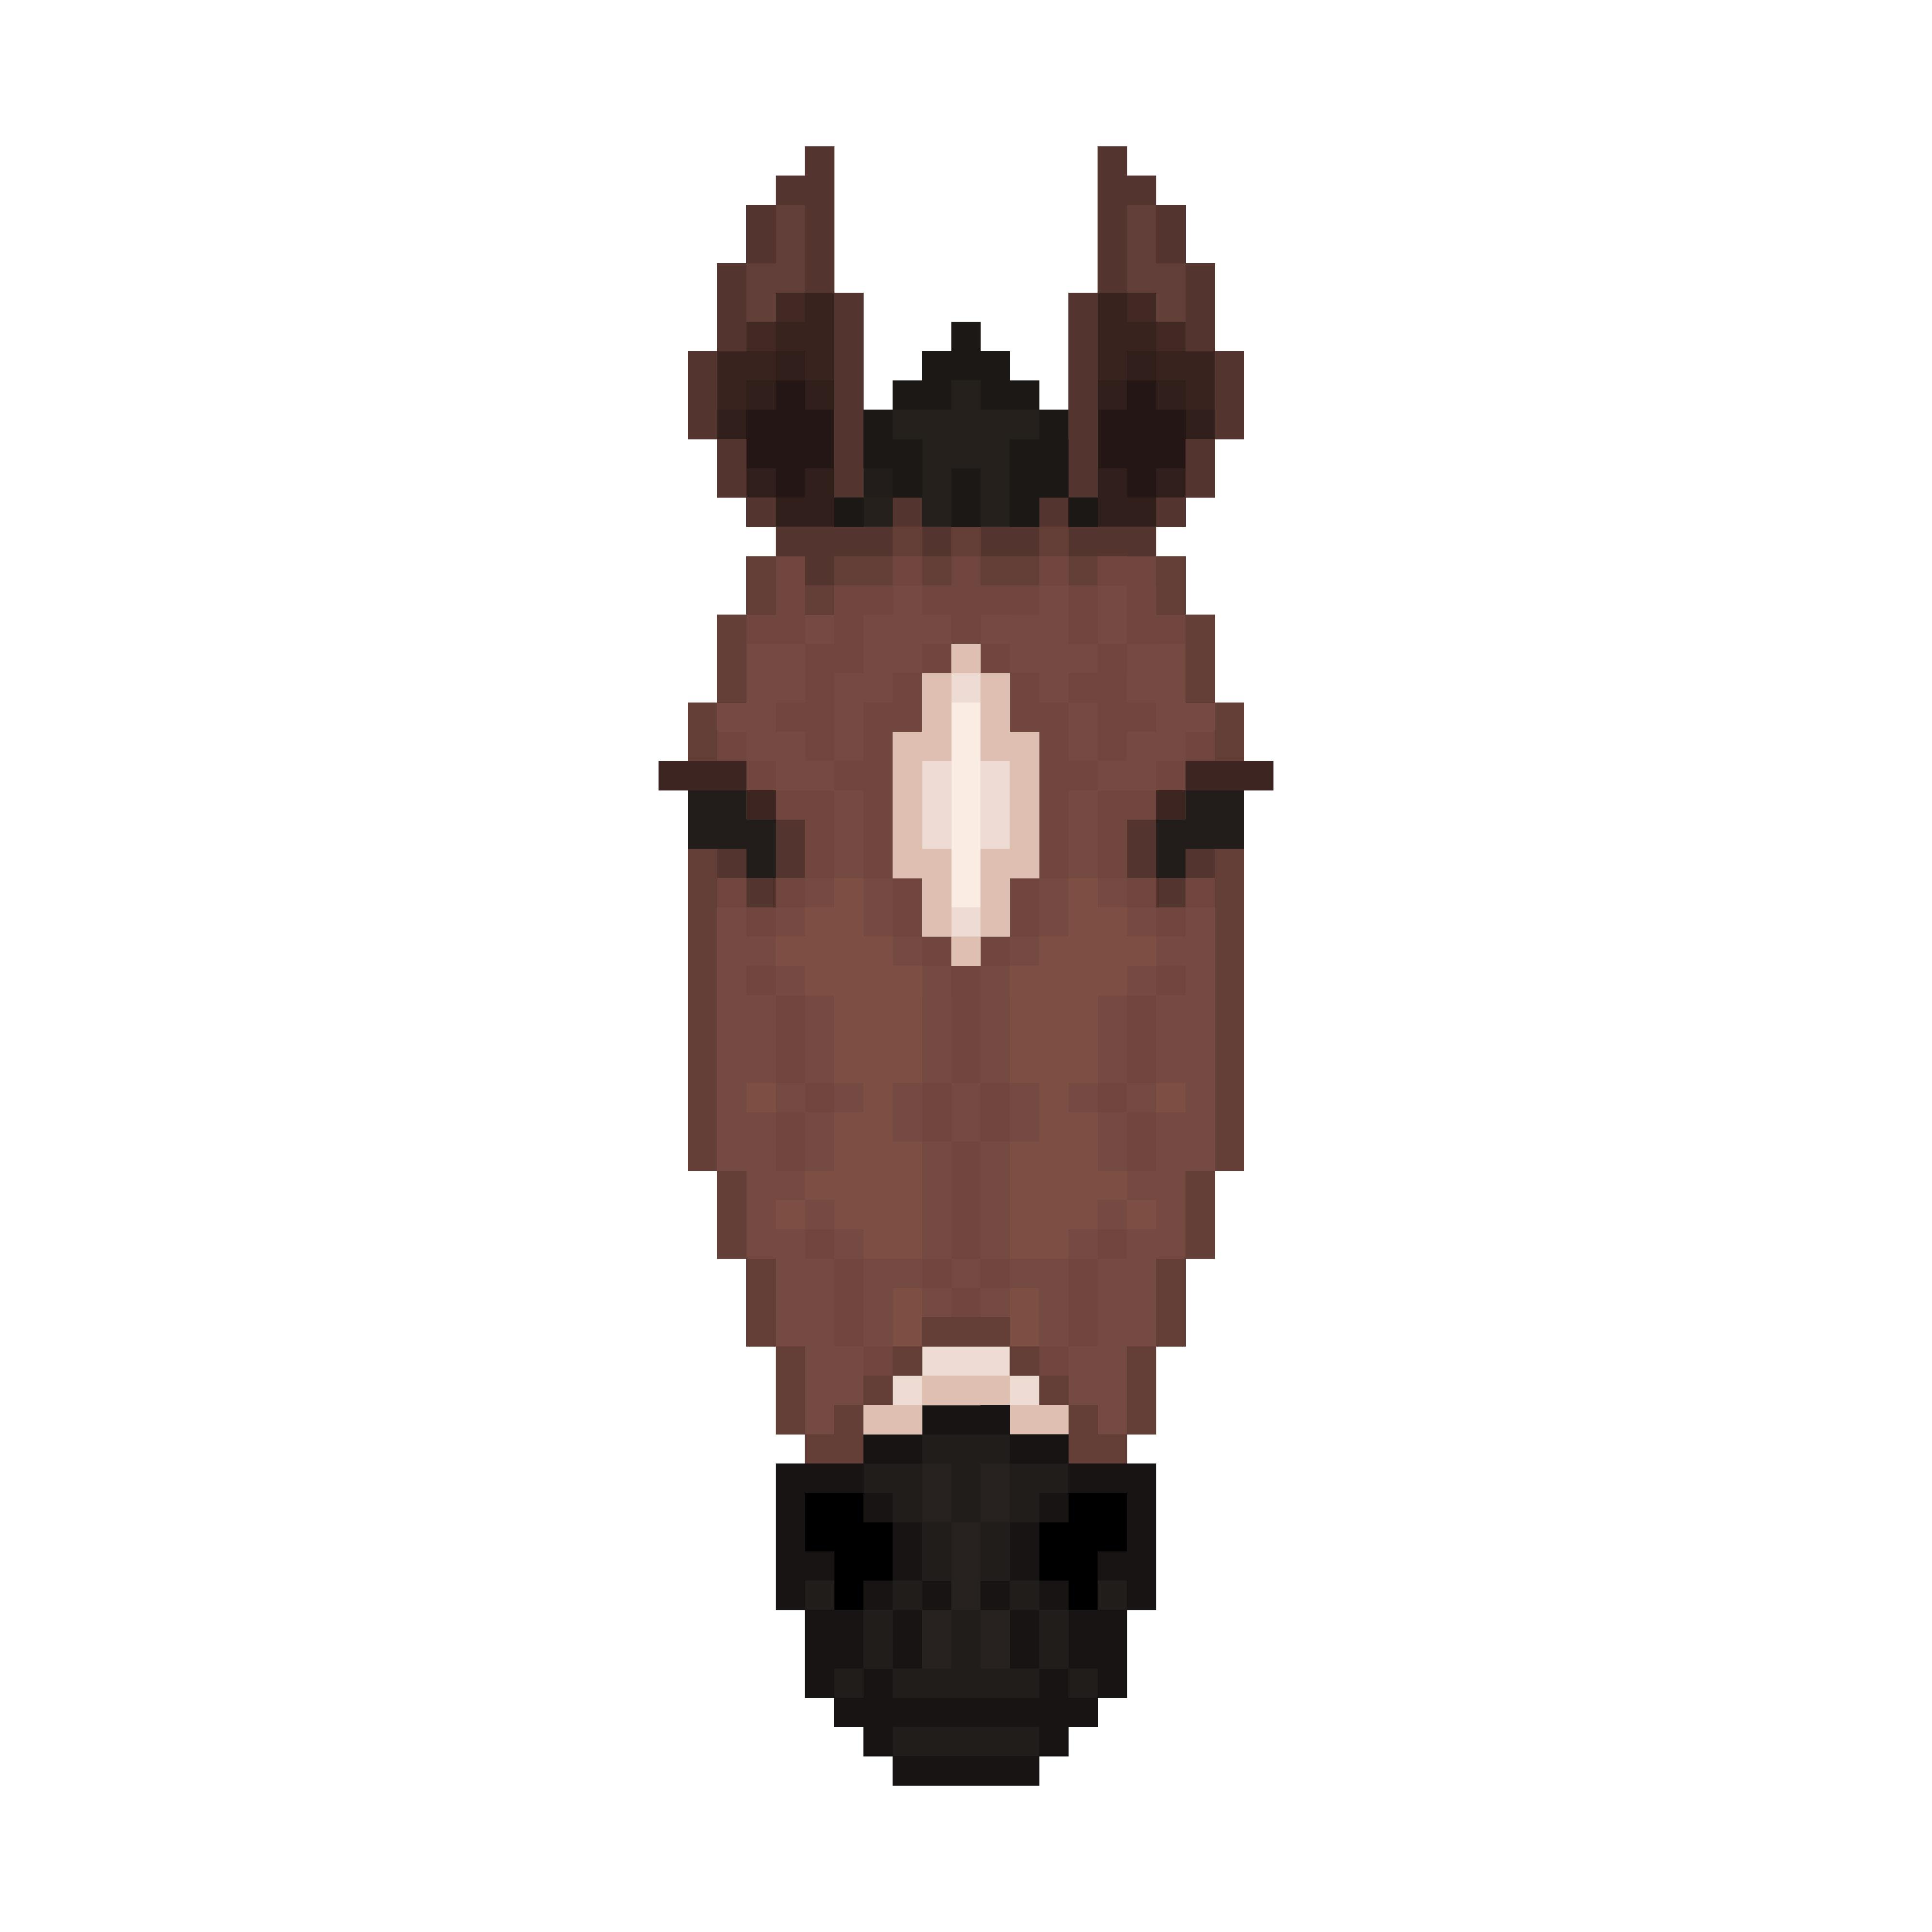 Tête De Cheval Dans Le Style Pixel Art Telecharger